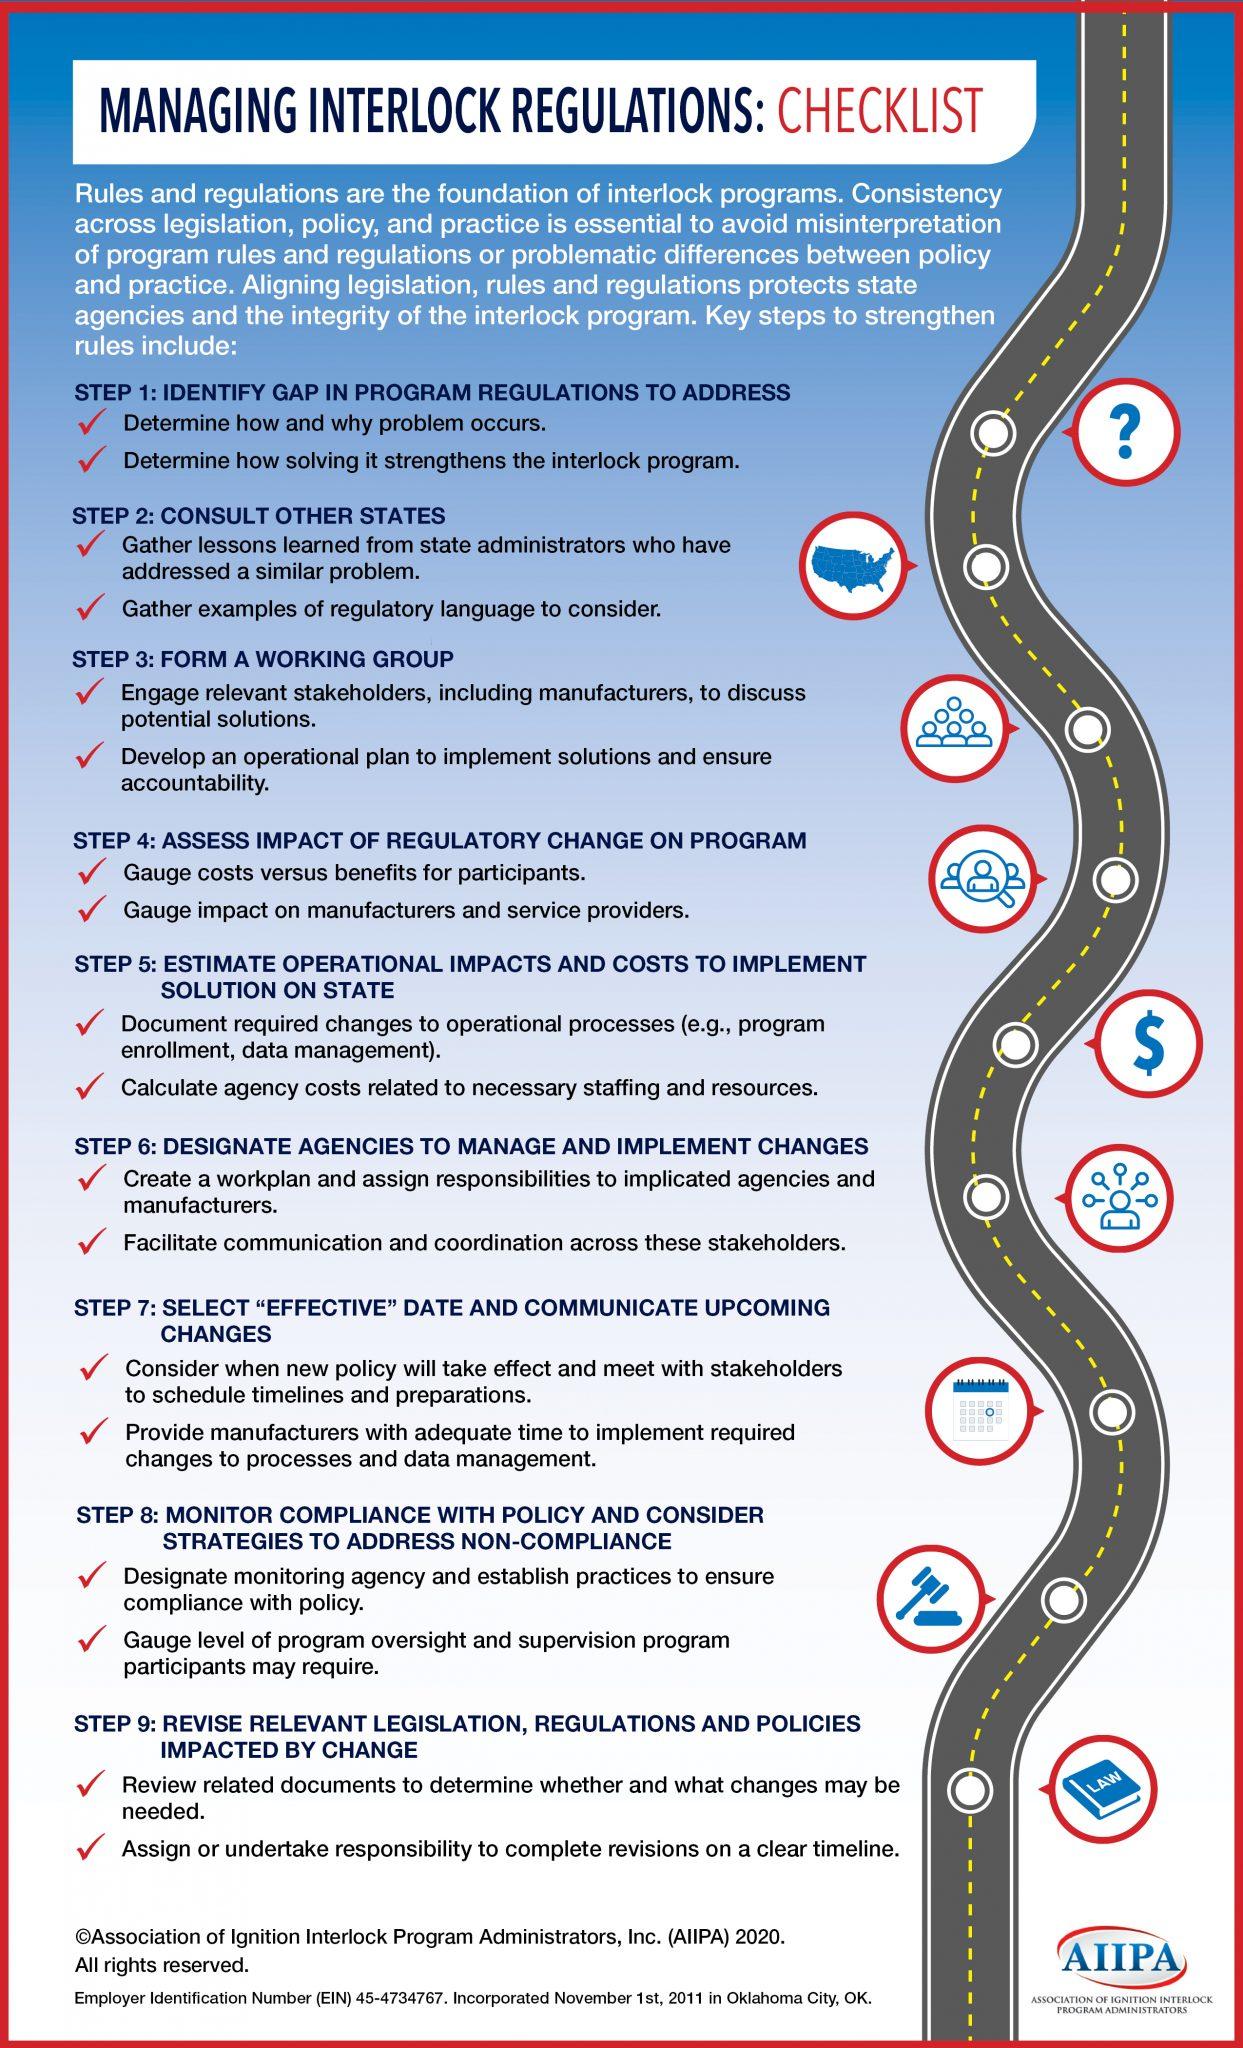 Managing Interlock Regulations: Checklist